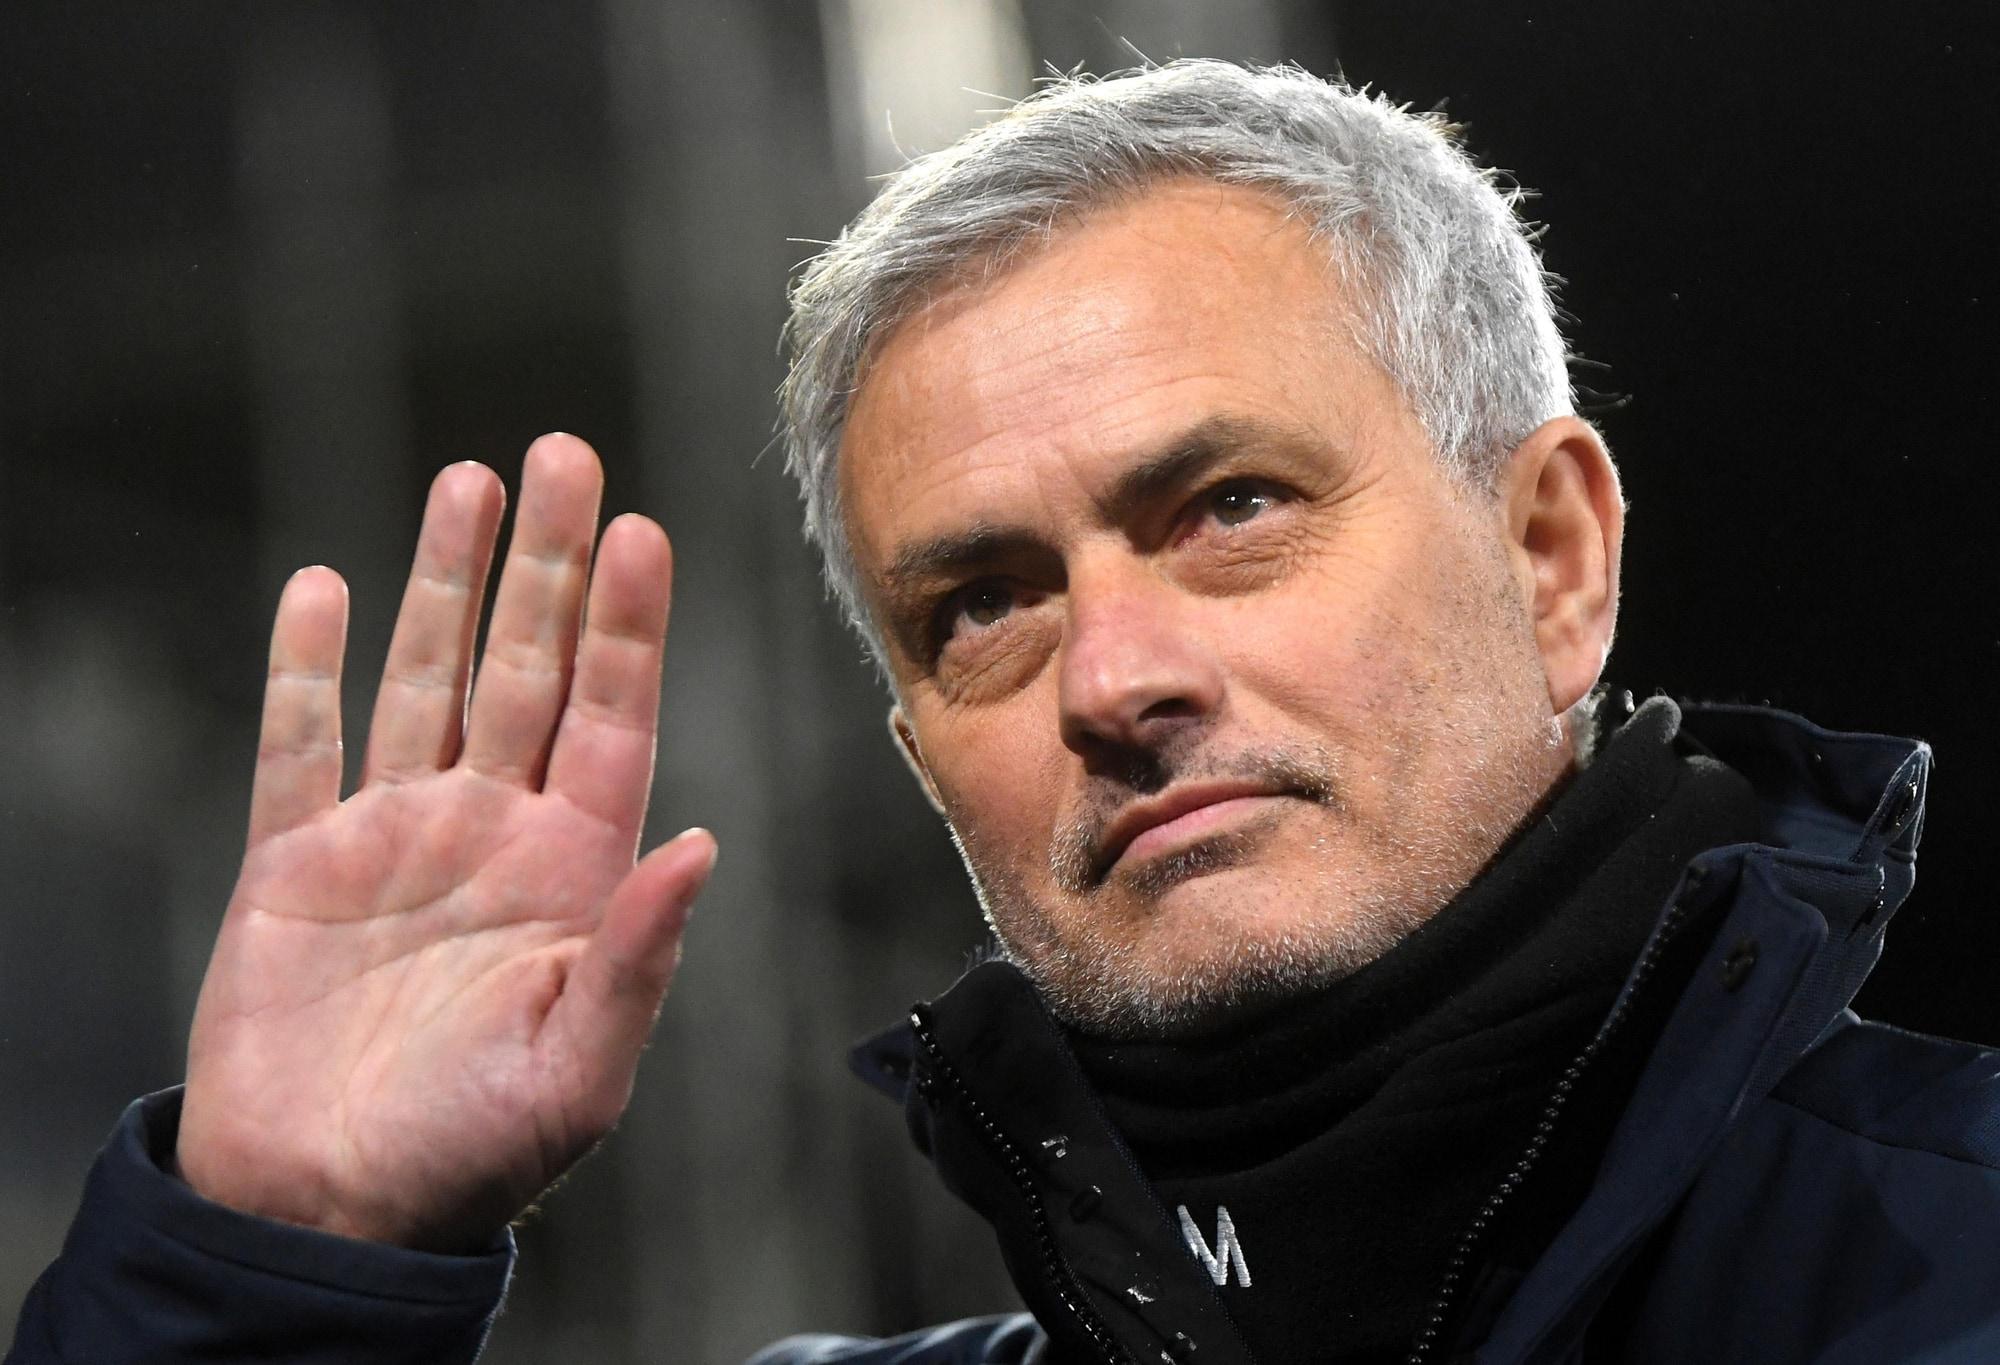 La Roma di Mourinho da Rui Patricio al centravanti: eccola